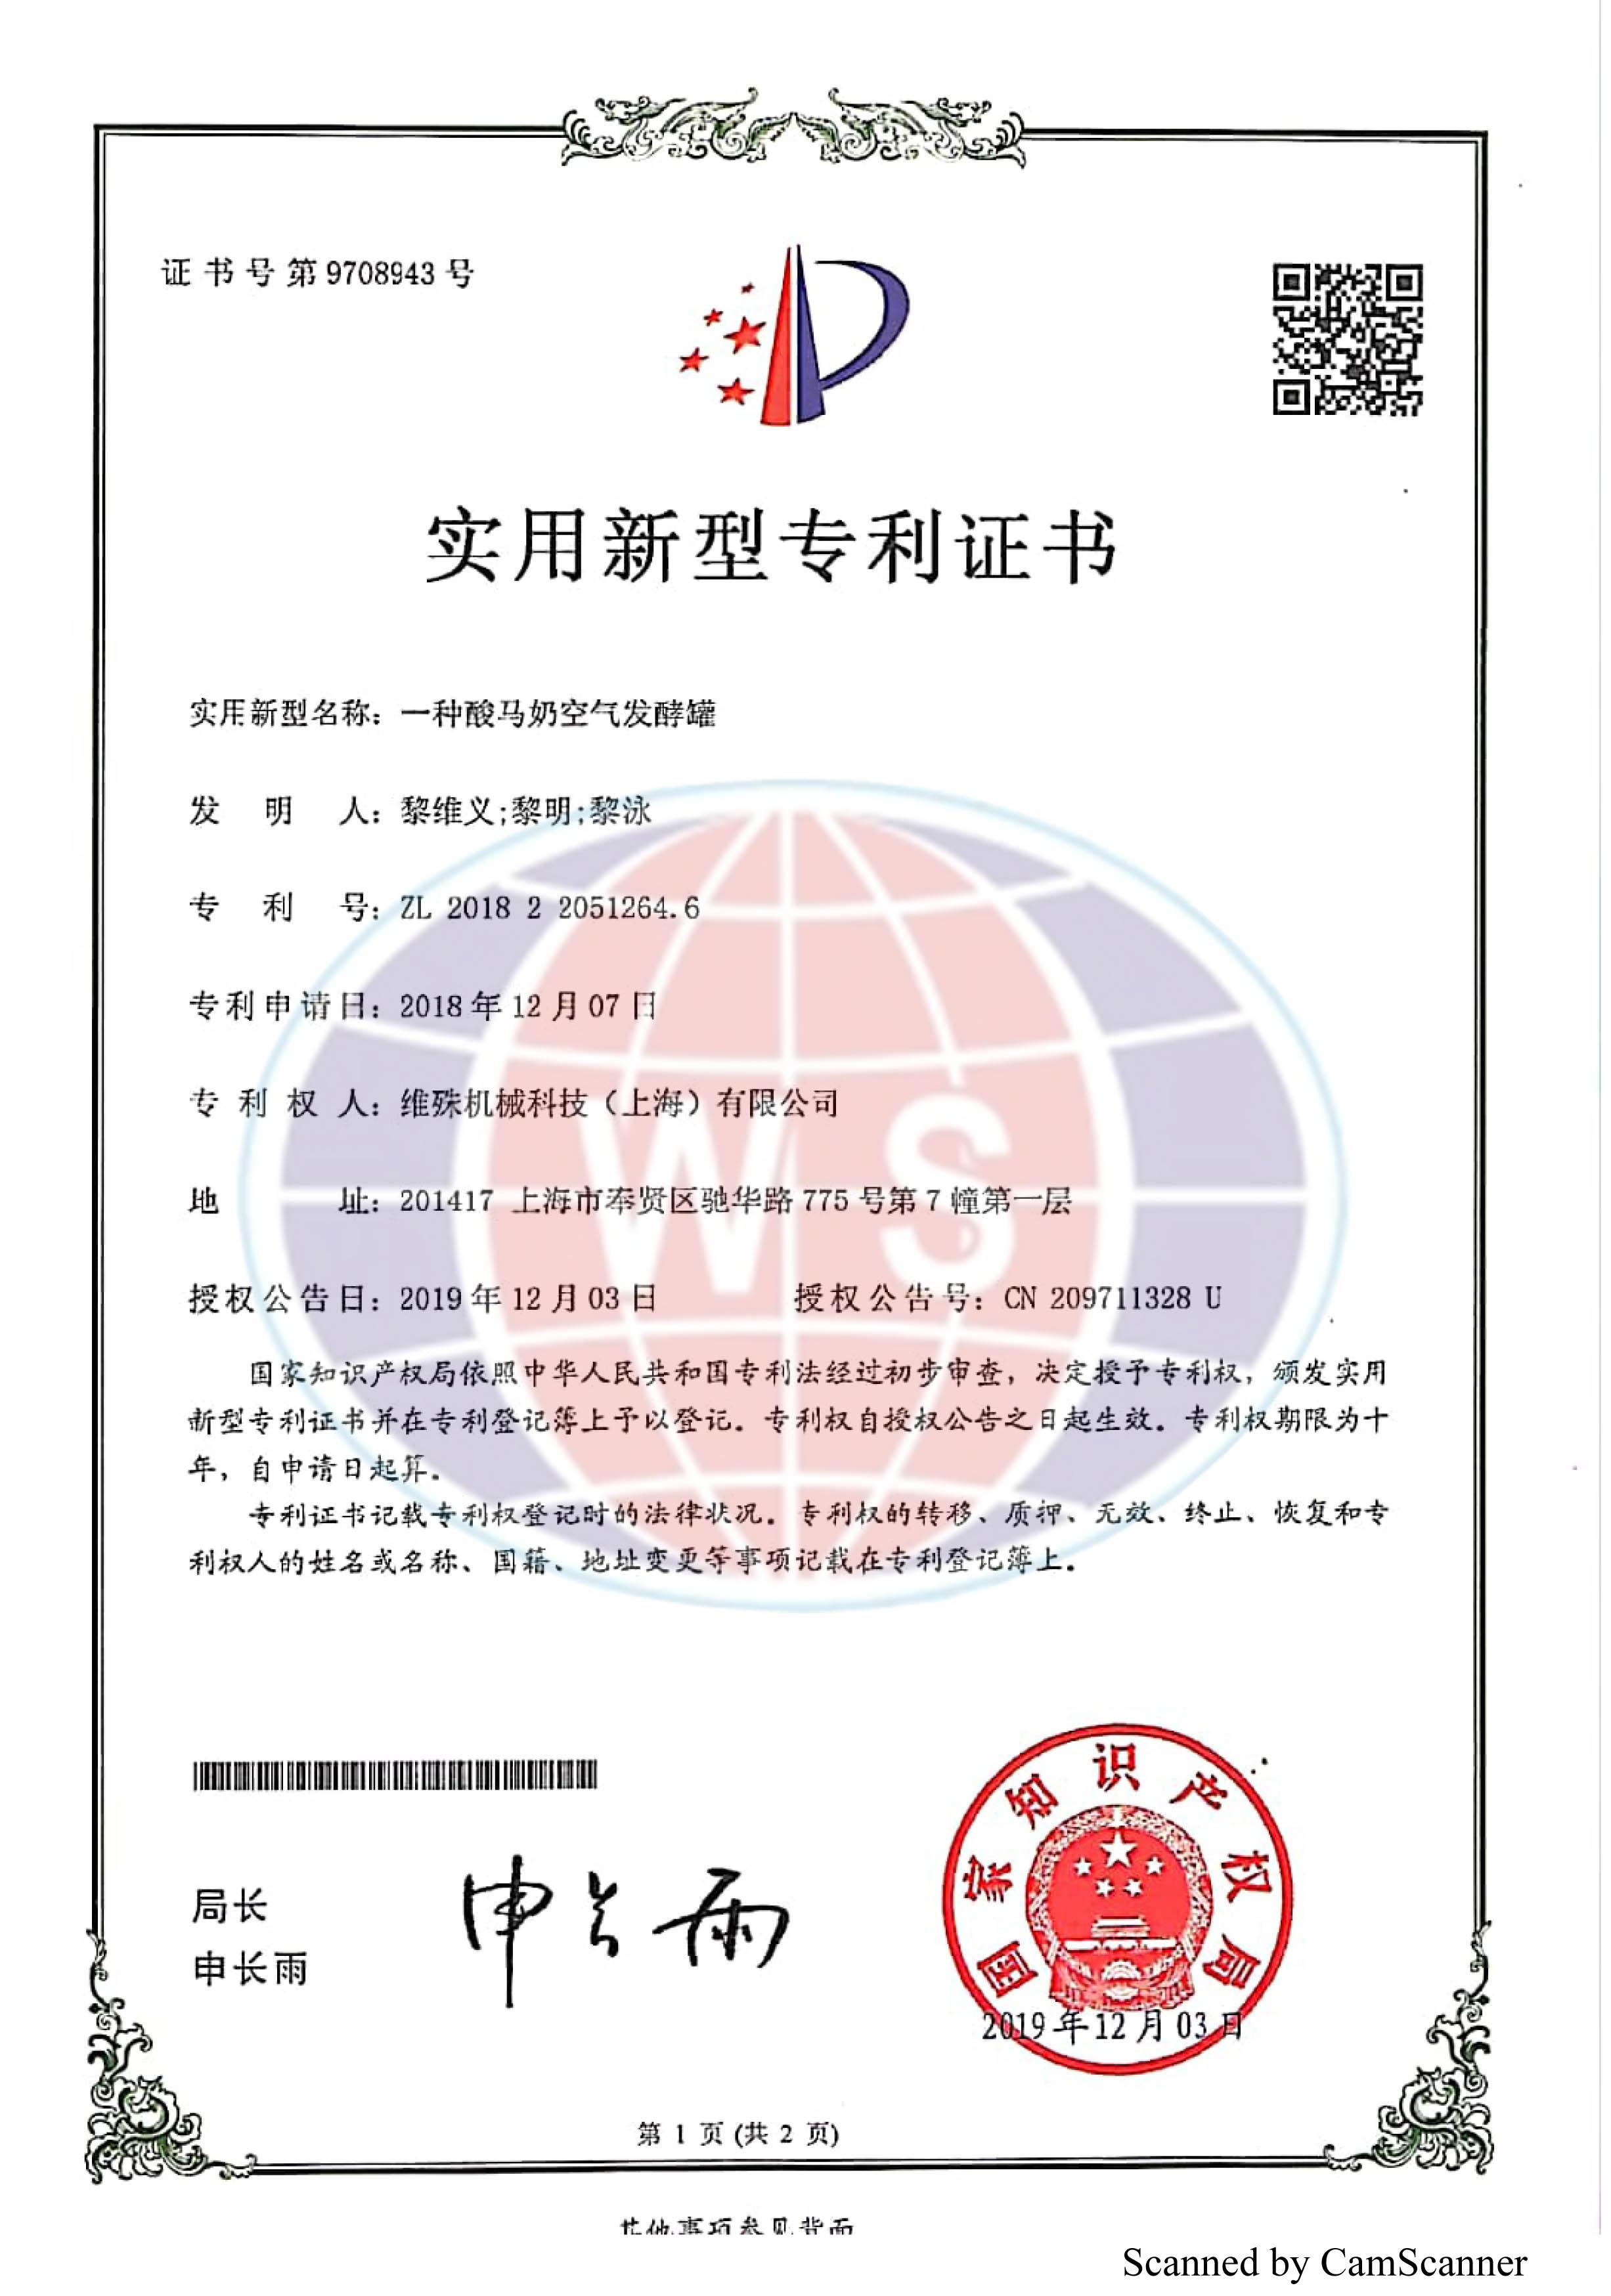 专利证书-1 - 副本.jpg